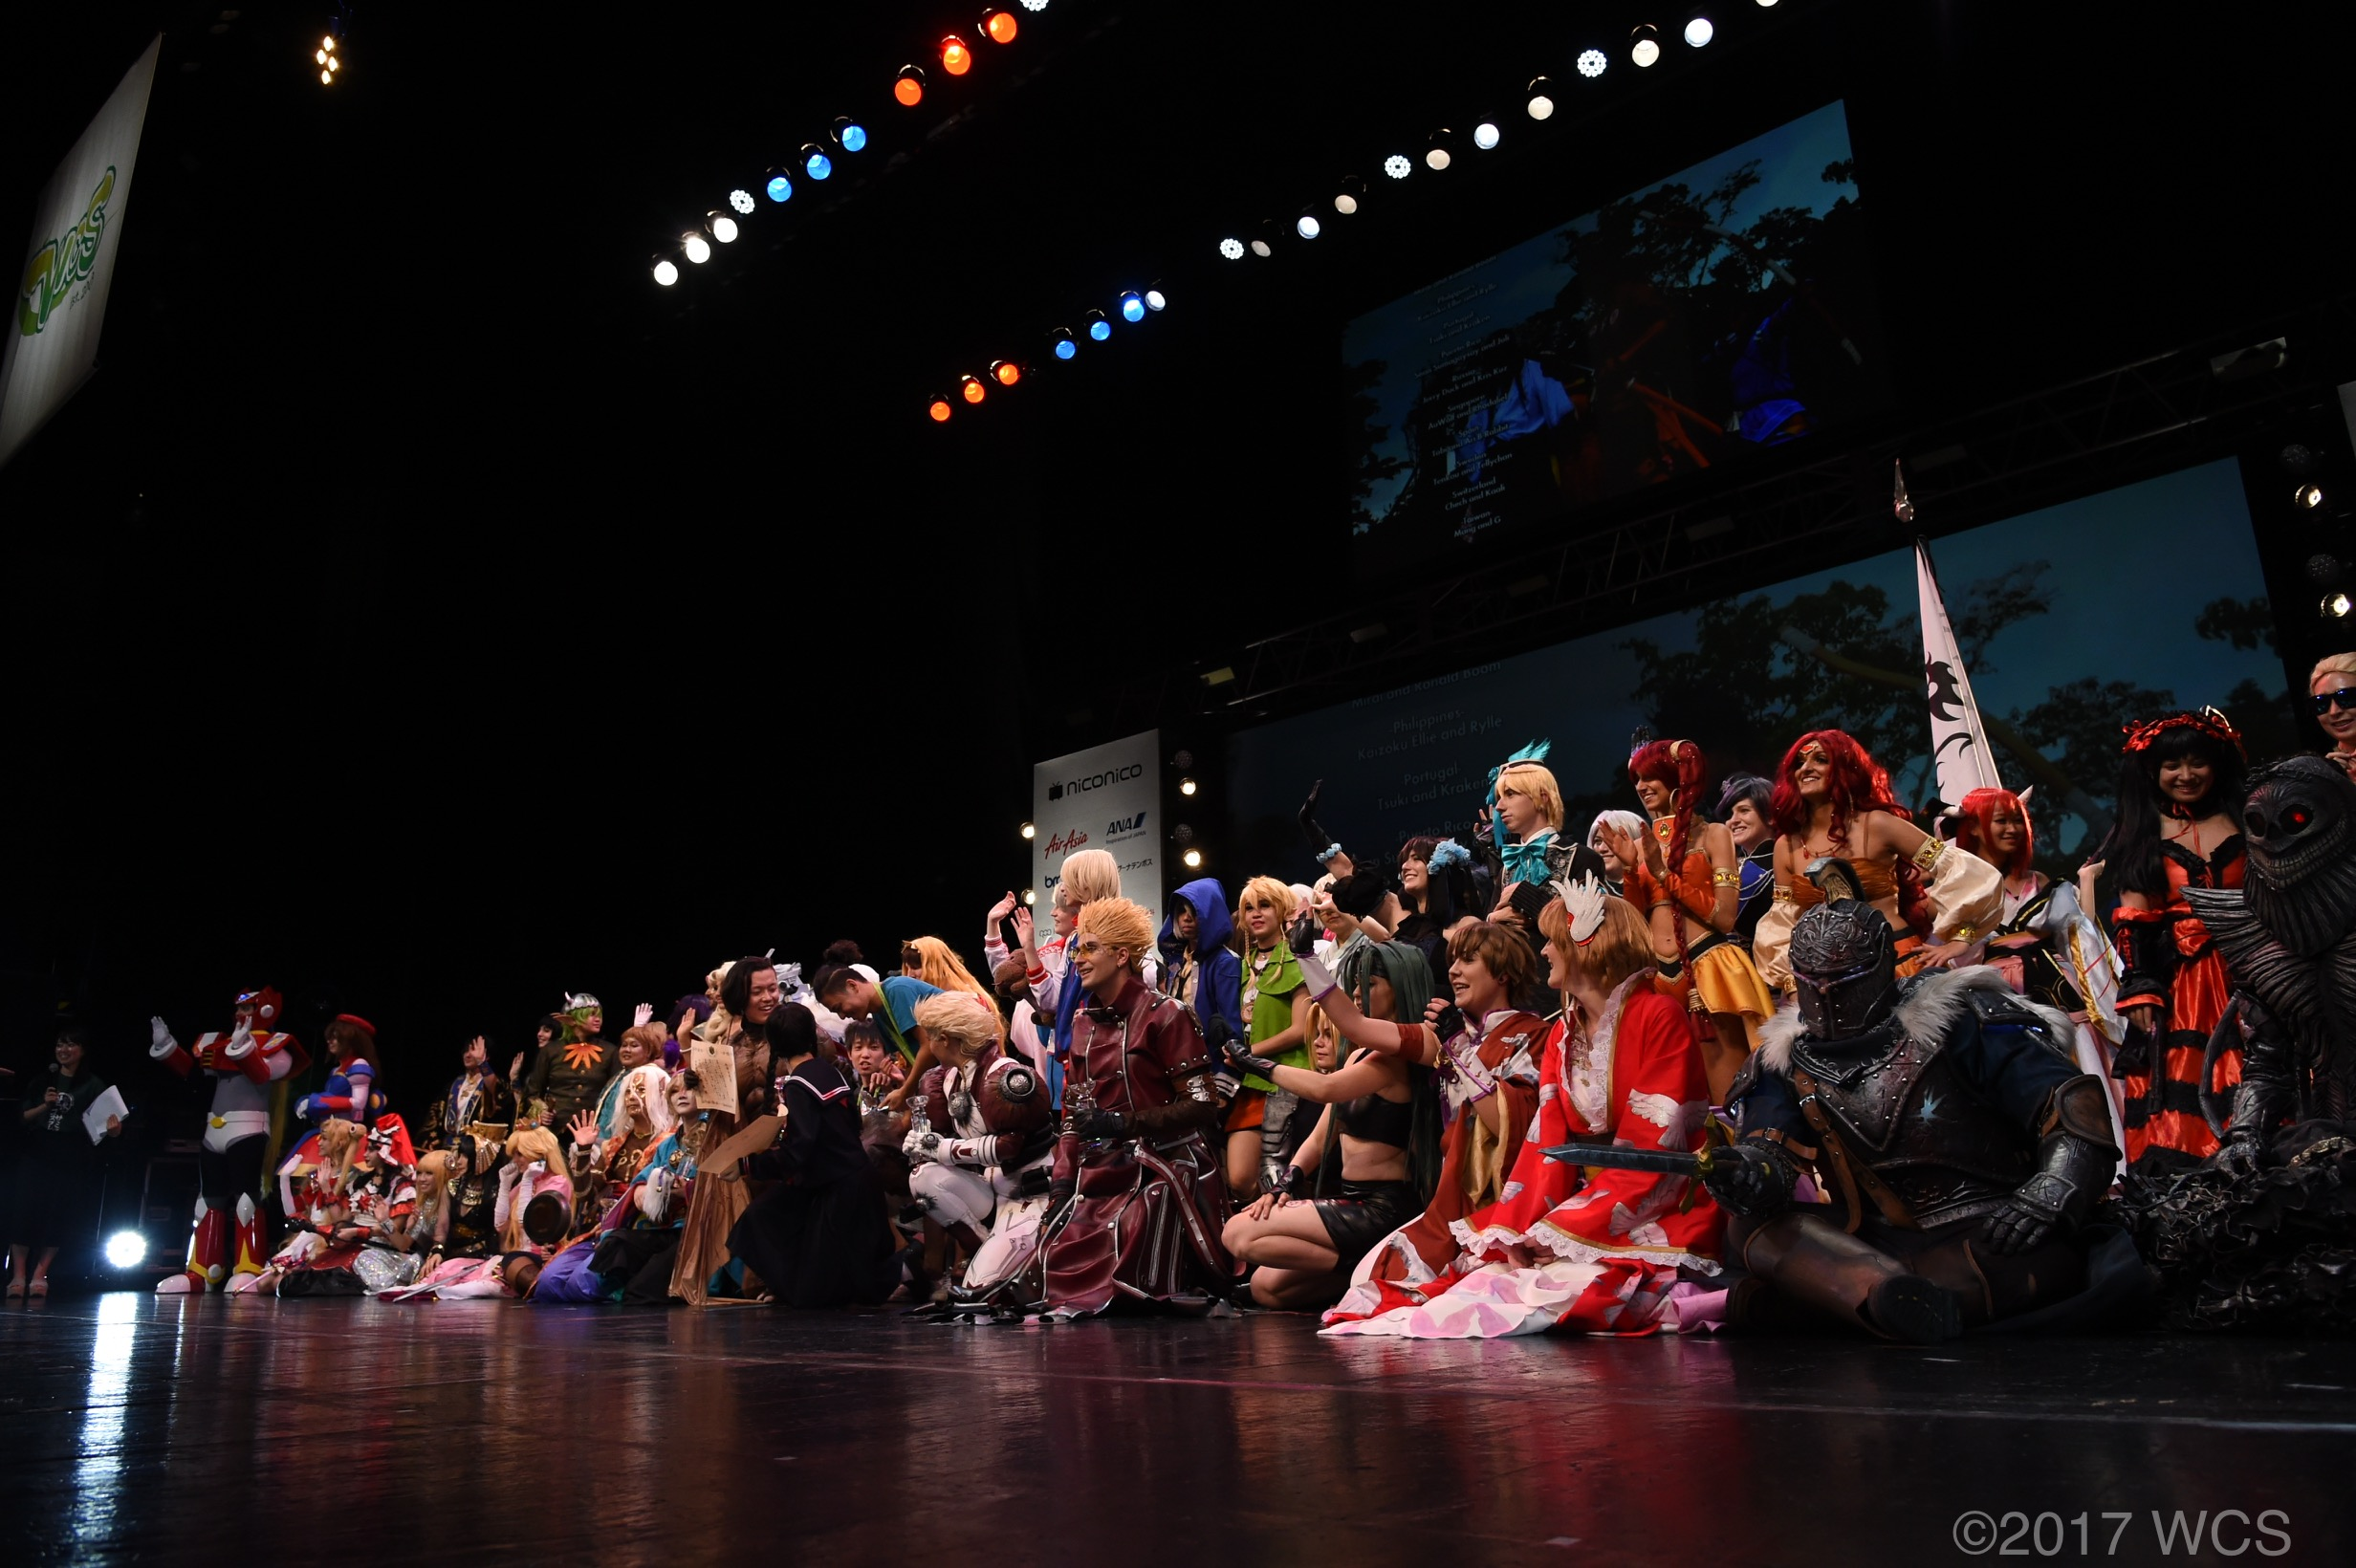 36か国から参加者が集結! 愛知県名古屋市で世界最大のコスプレイベントが開催